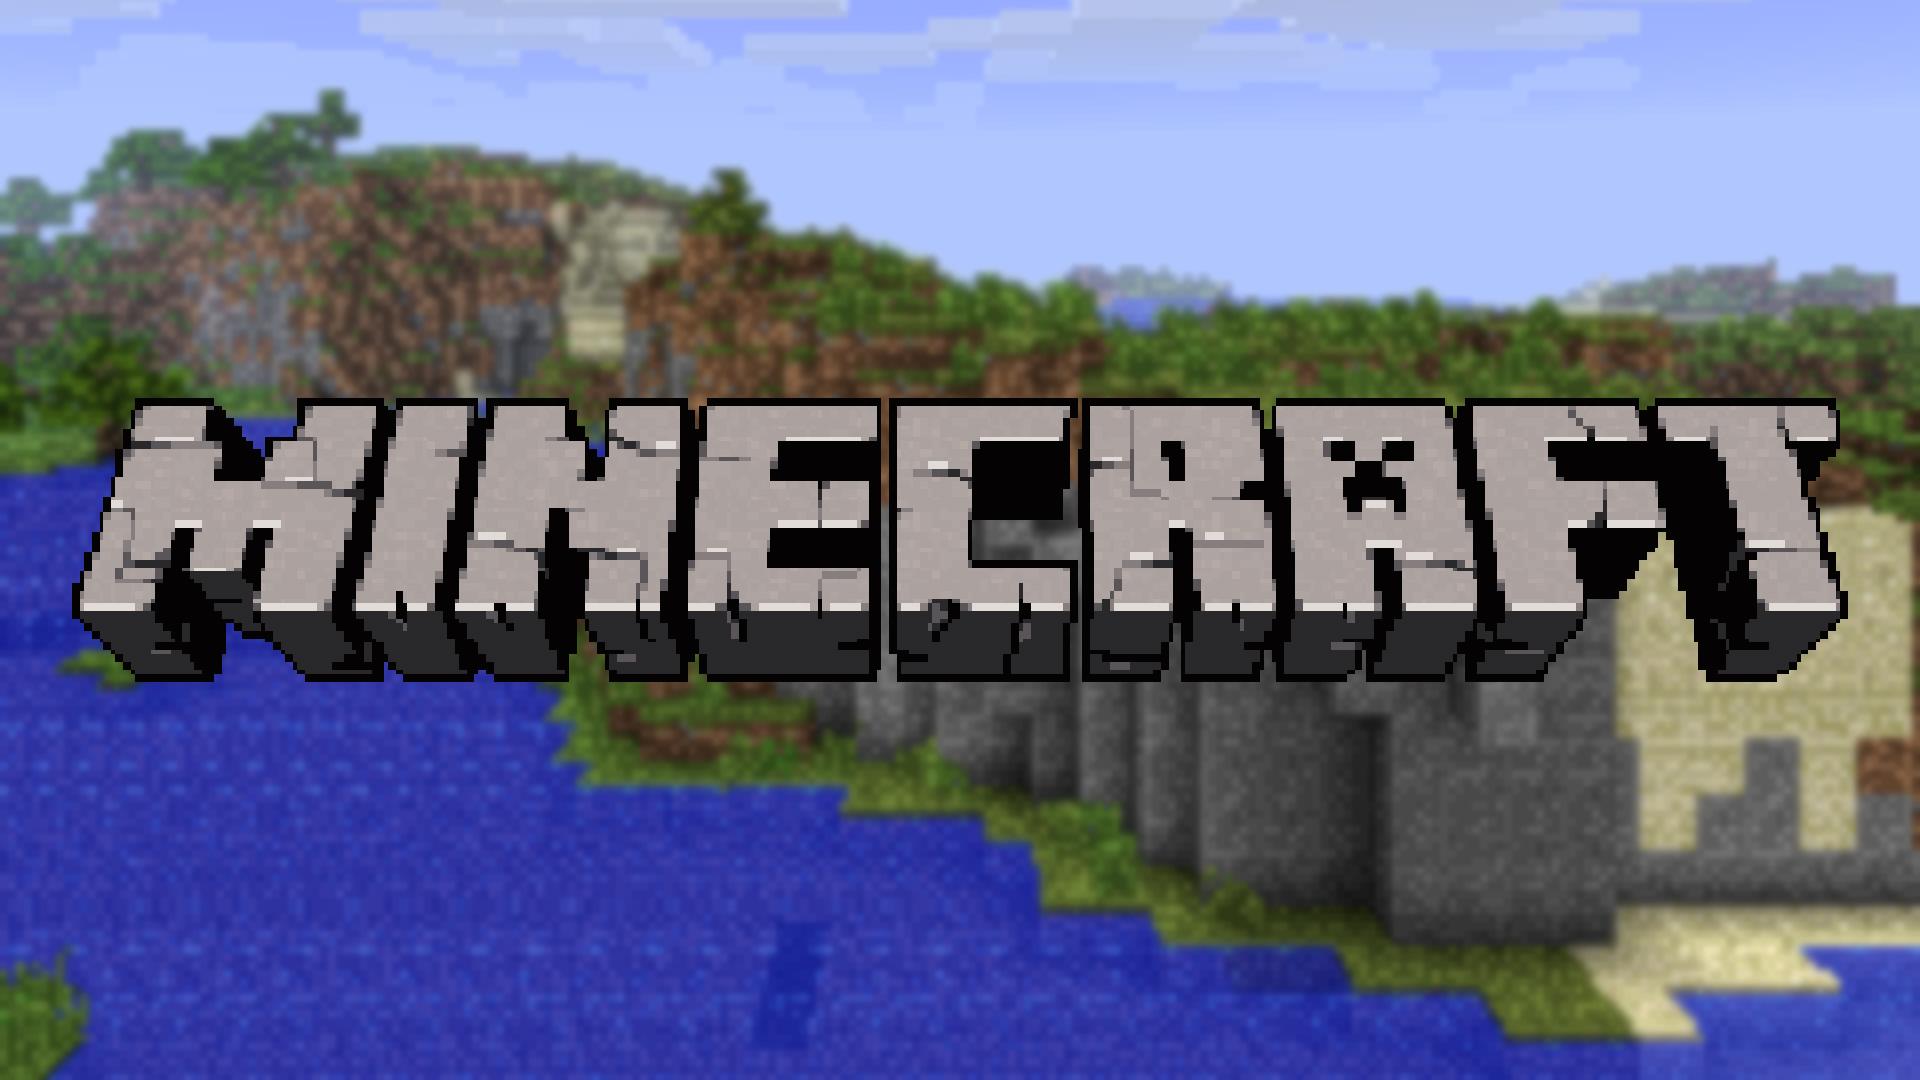 Картинки Minecraft на рабочий стол (26 штук)